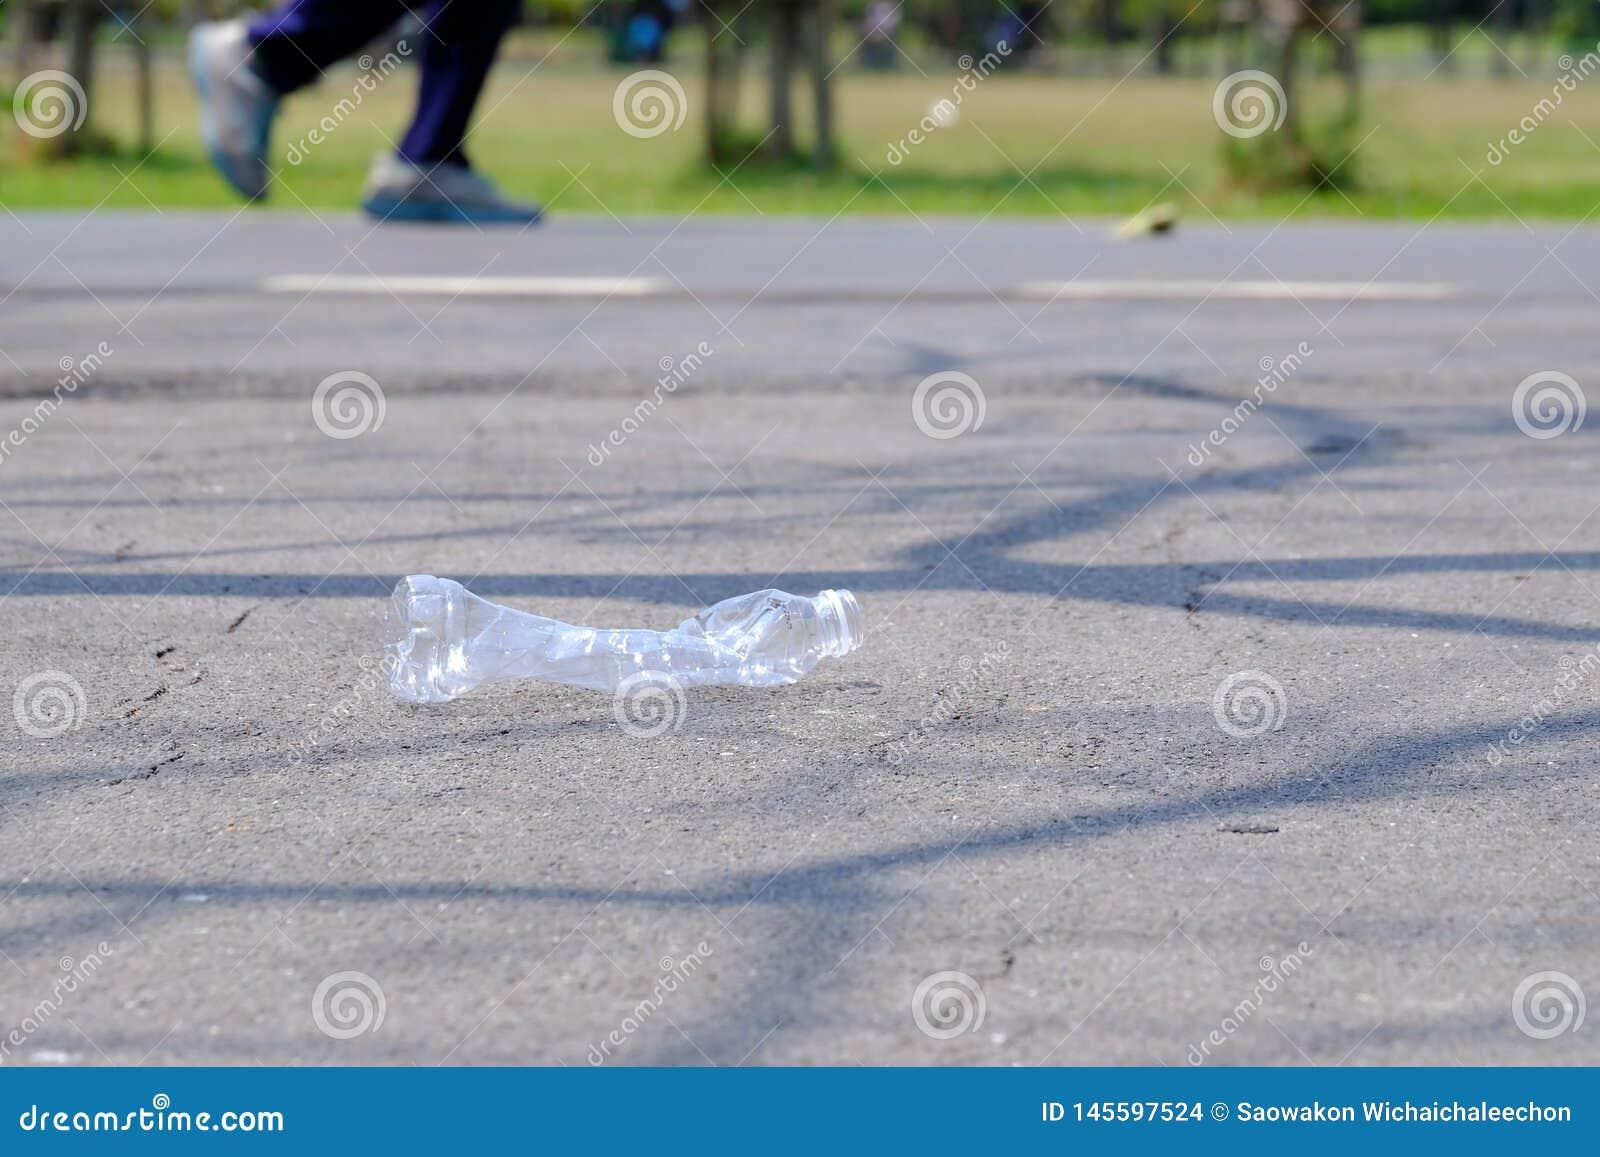 Plastikowa butelka śmieci na drogowym parterze przy zielonym parkiem z mężczyzny bieg na droga przemian woda pitna